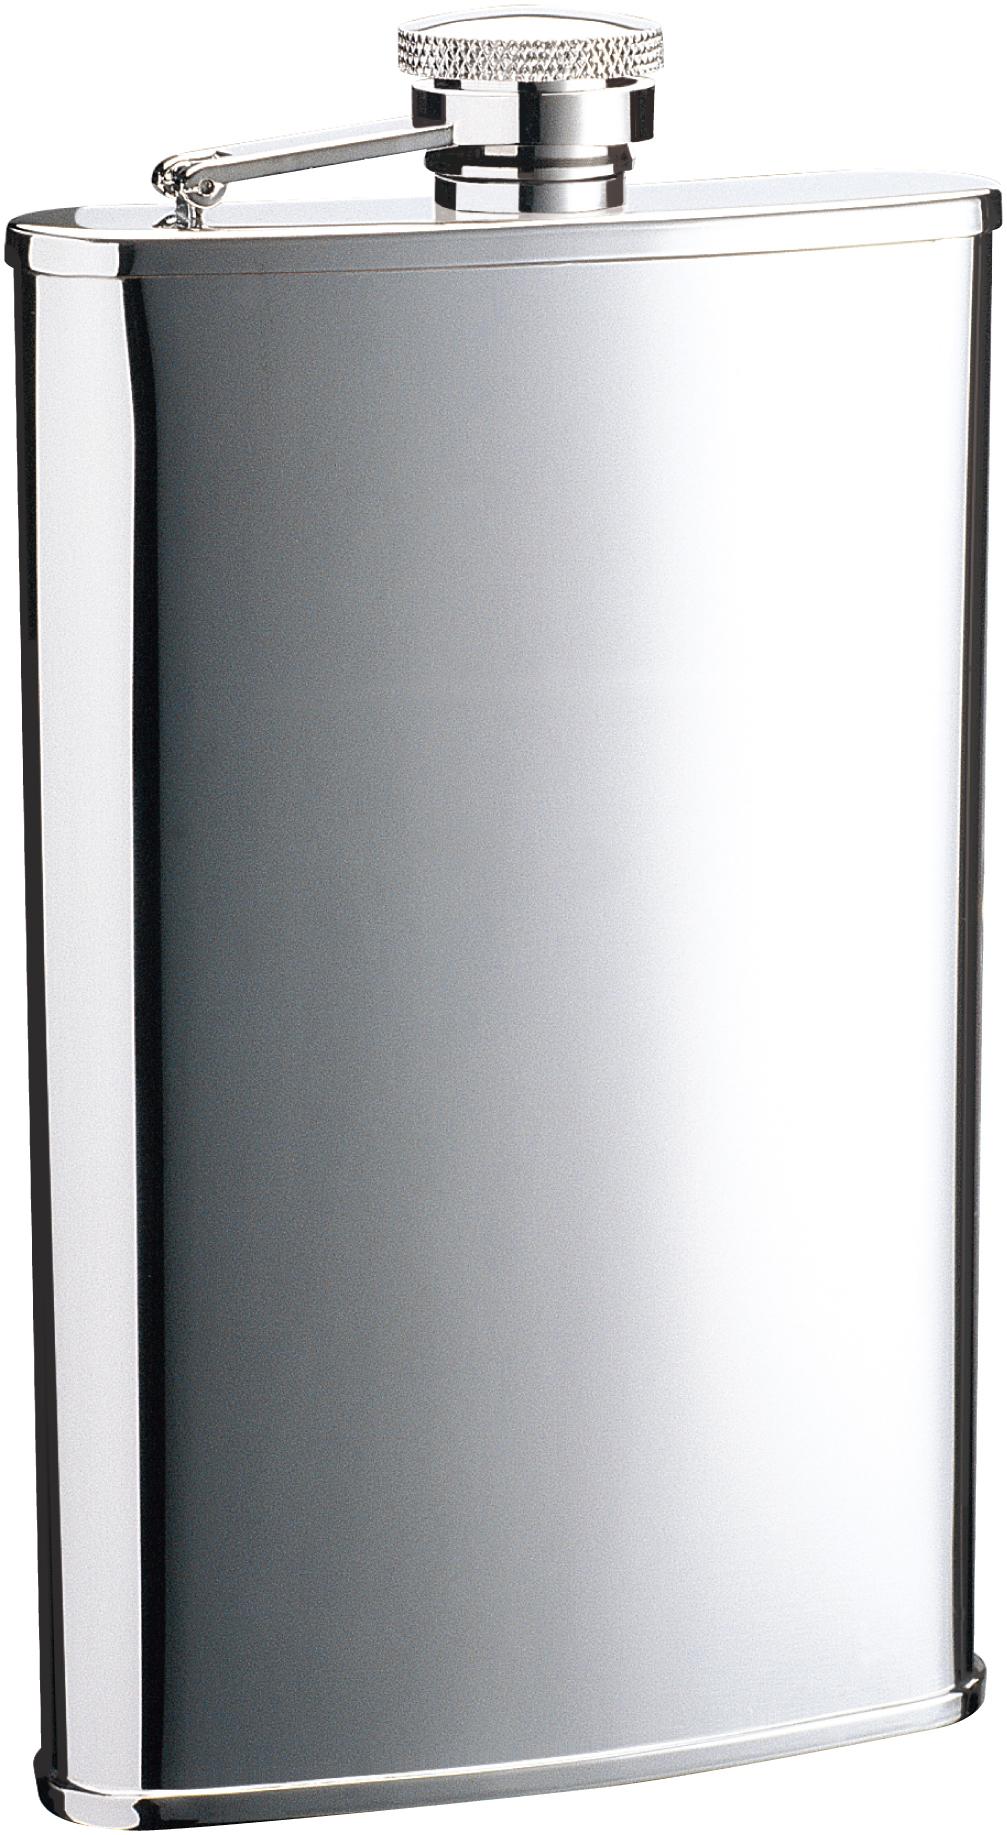 Итальянская фляга S.QUIRE «Silver» цена